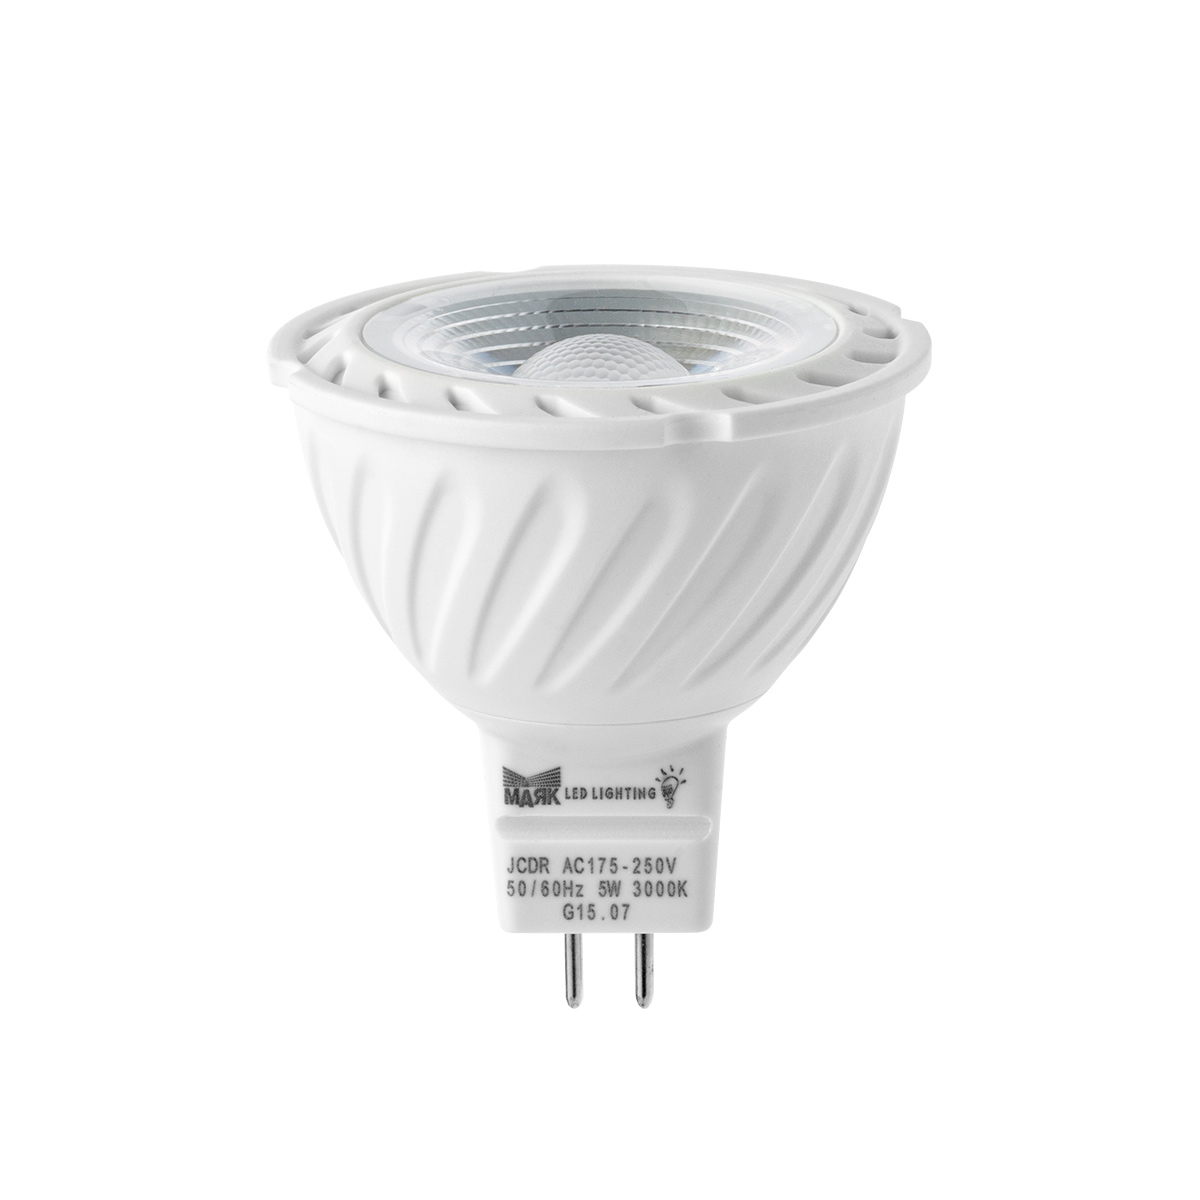 Лампа светодиодная Mayak-ledЛампы<br>Тип лампы: светодиодная, Форма лампы: рефлекторная, Цвет колбы: прозрачная, Тип цоколя: GU5.3, Напряжение: 220, Мощность: 3, Цветовая температура: 4000, Цвет свечения: нейтральный<br>